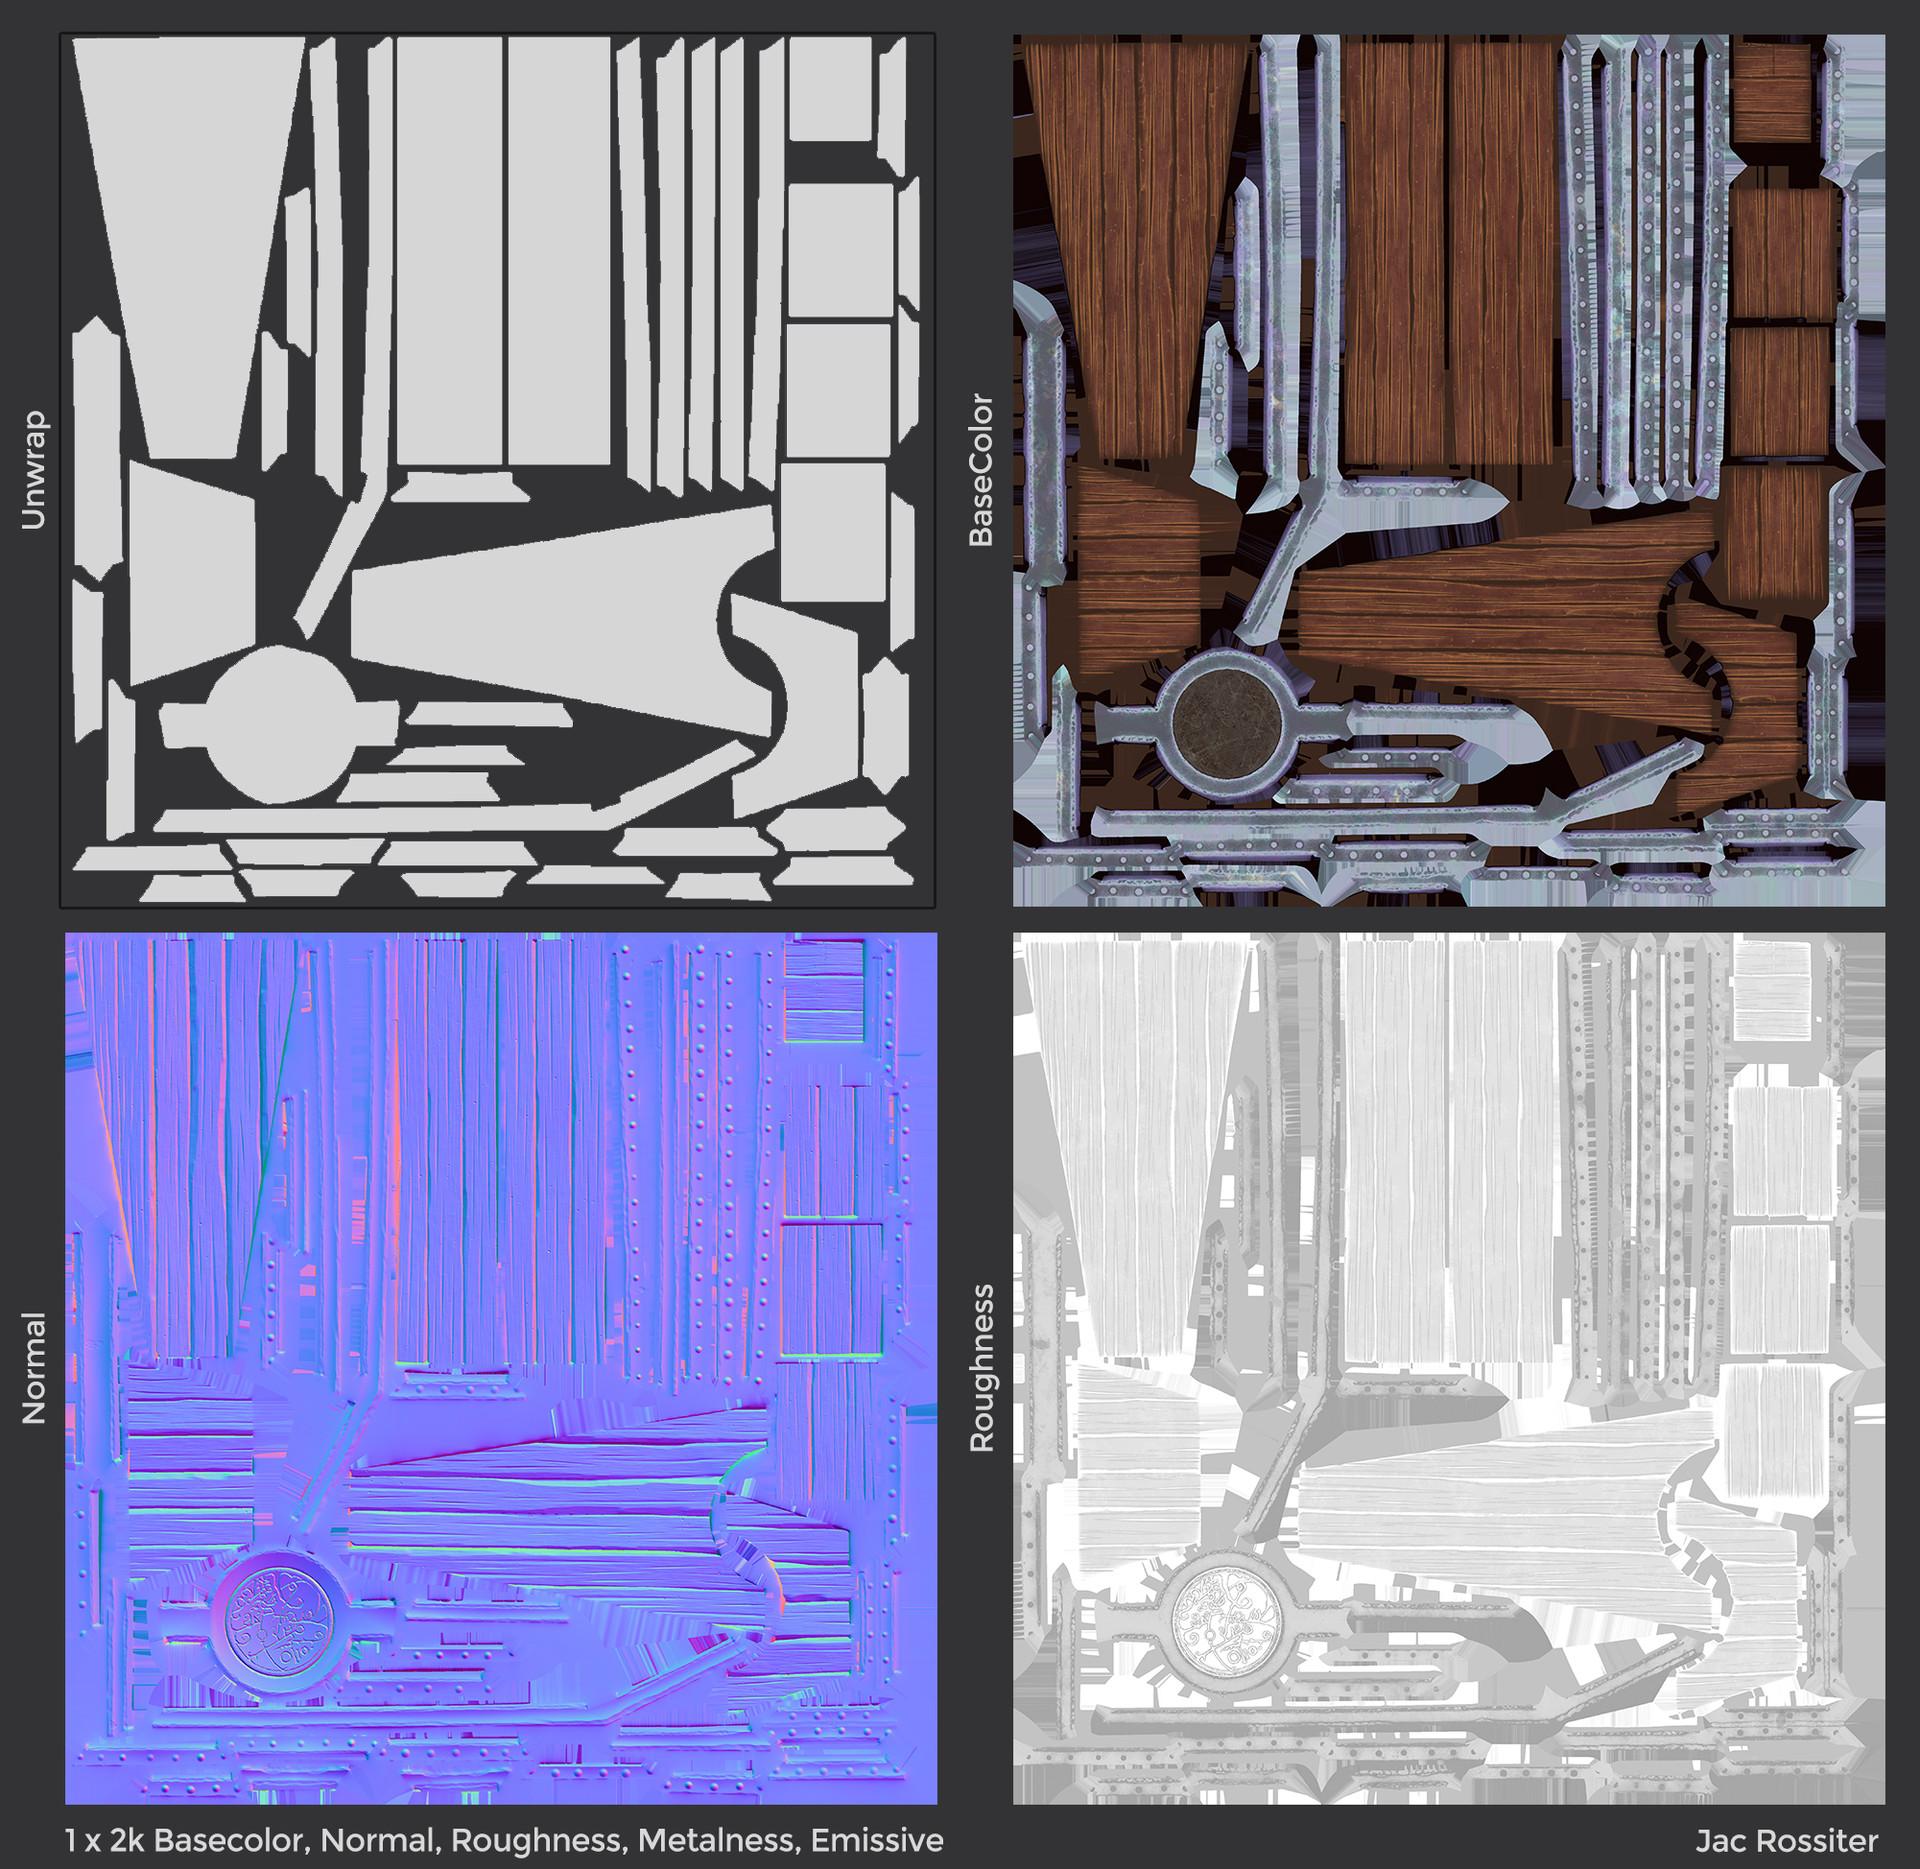 Jac rossiter render coffin textures